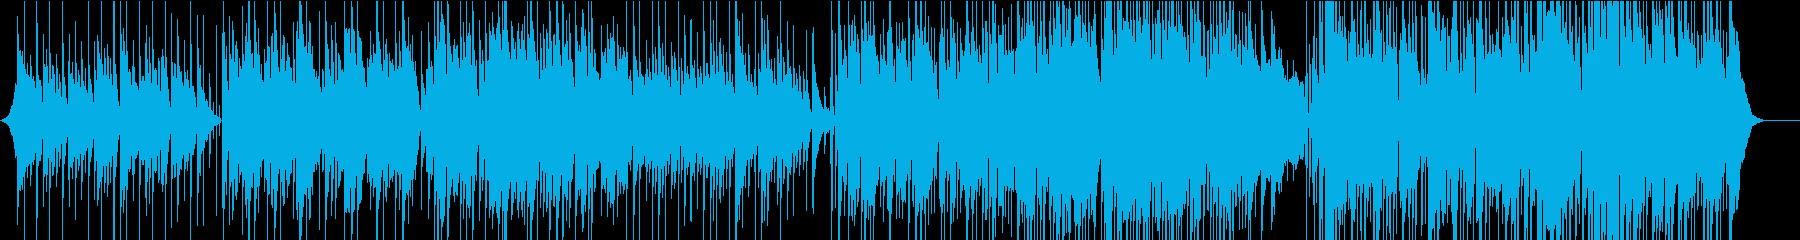 ノラジョーンズ風、スローピアノバラード曲の再生済みの波形